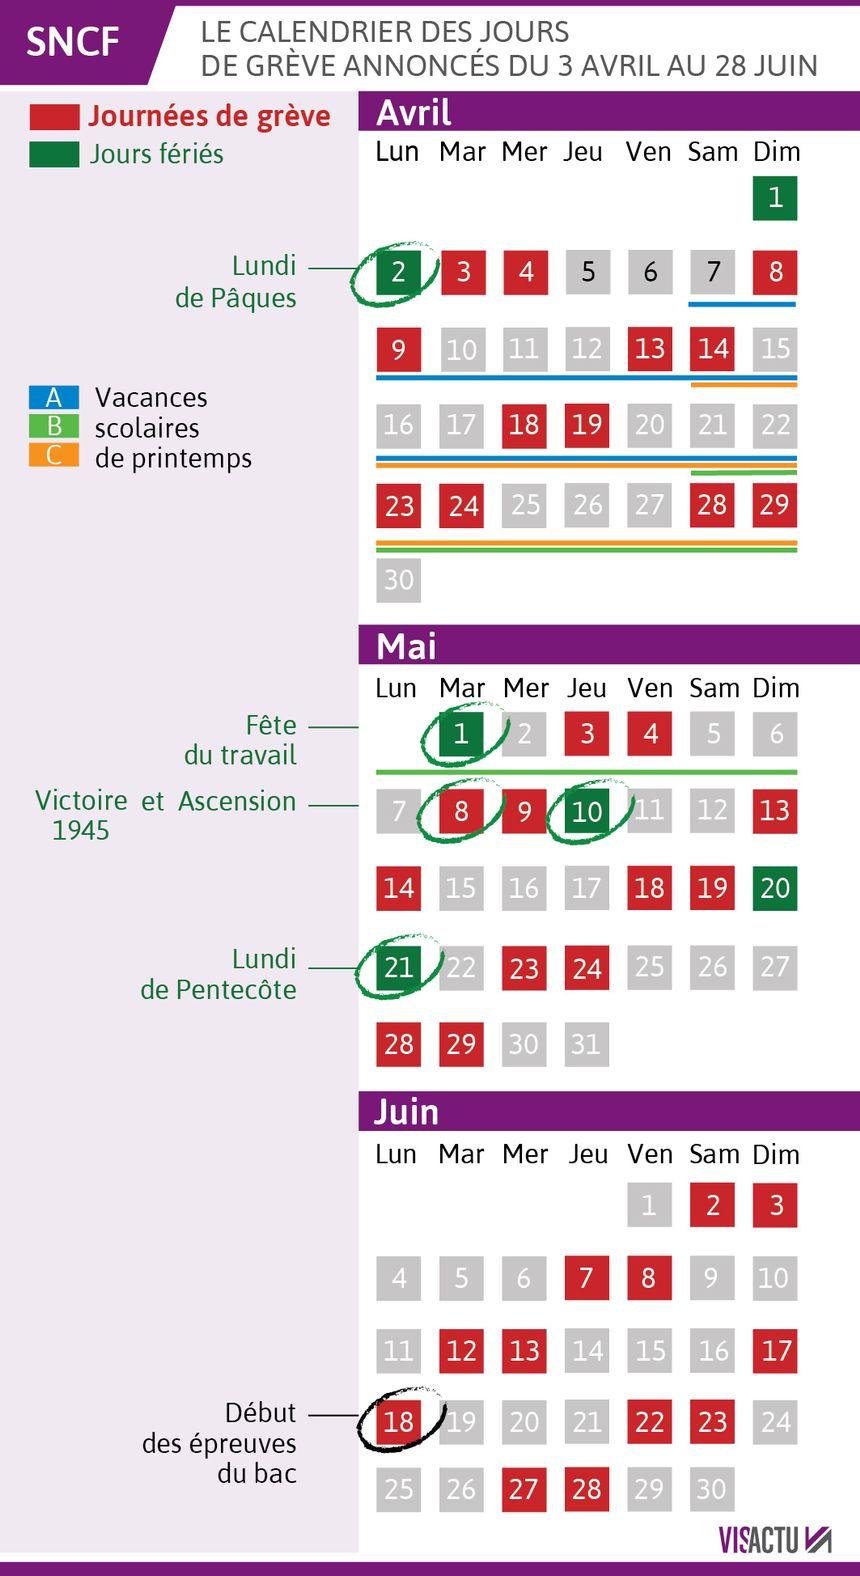 Grève SNCF : les prévisions de trafic en Auvergne pour les 22 et